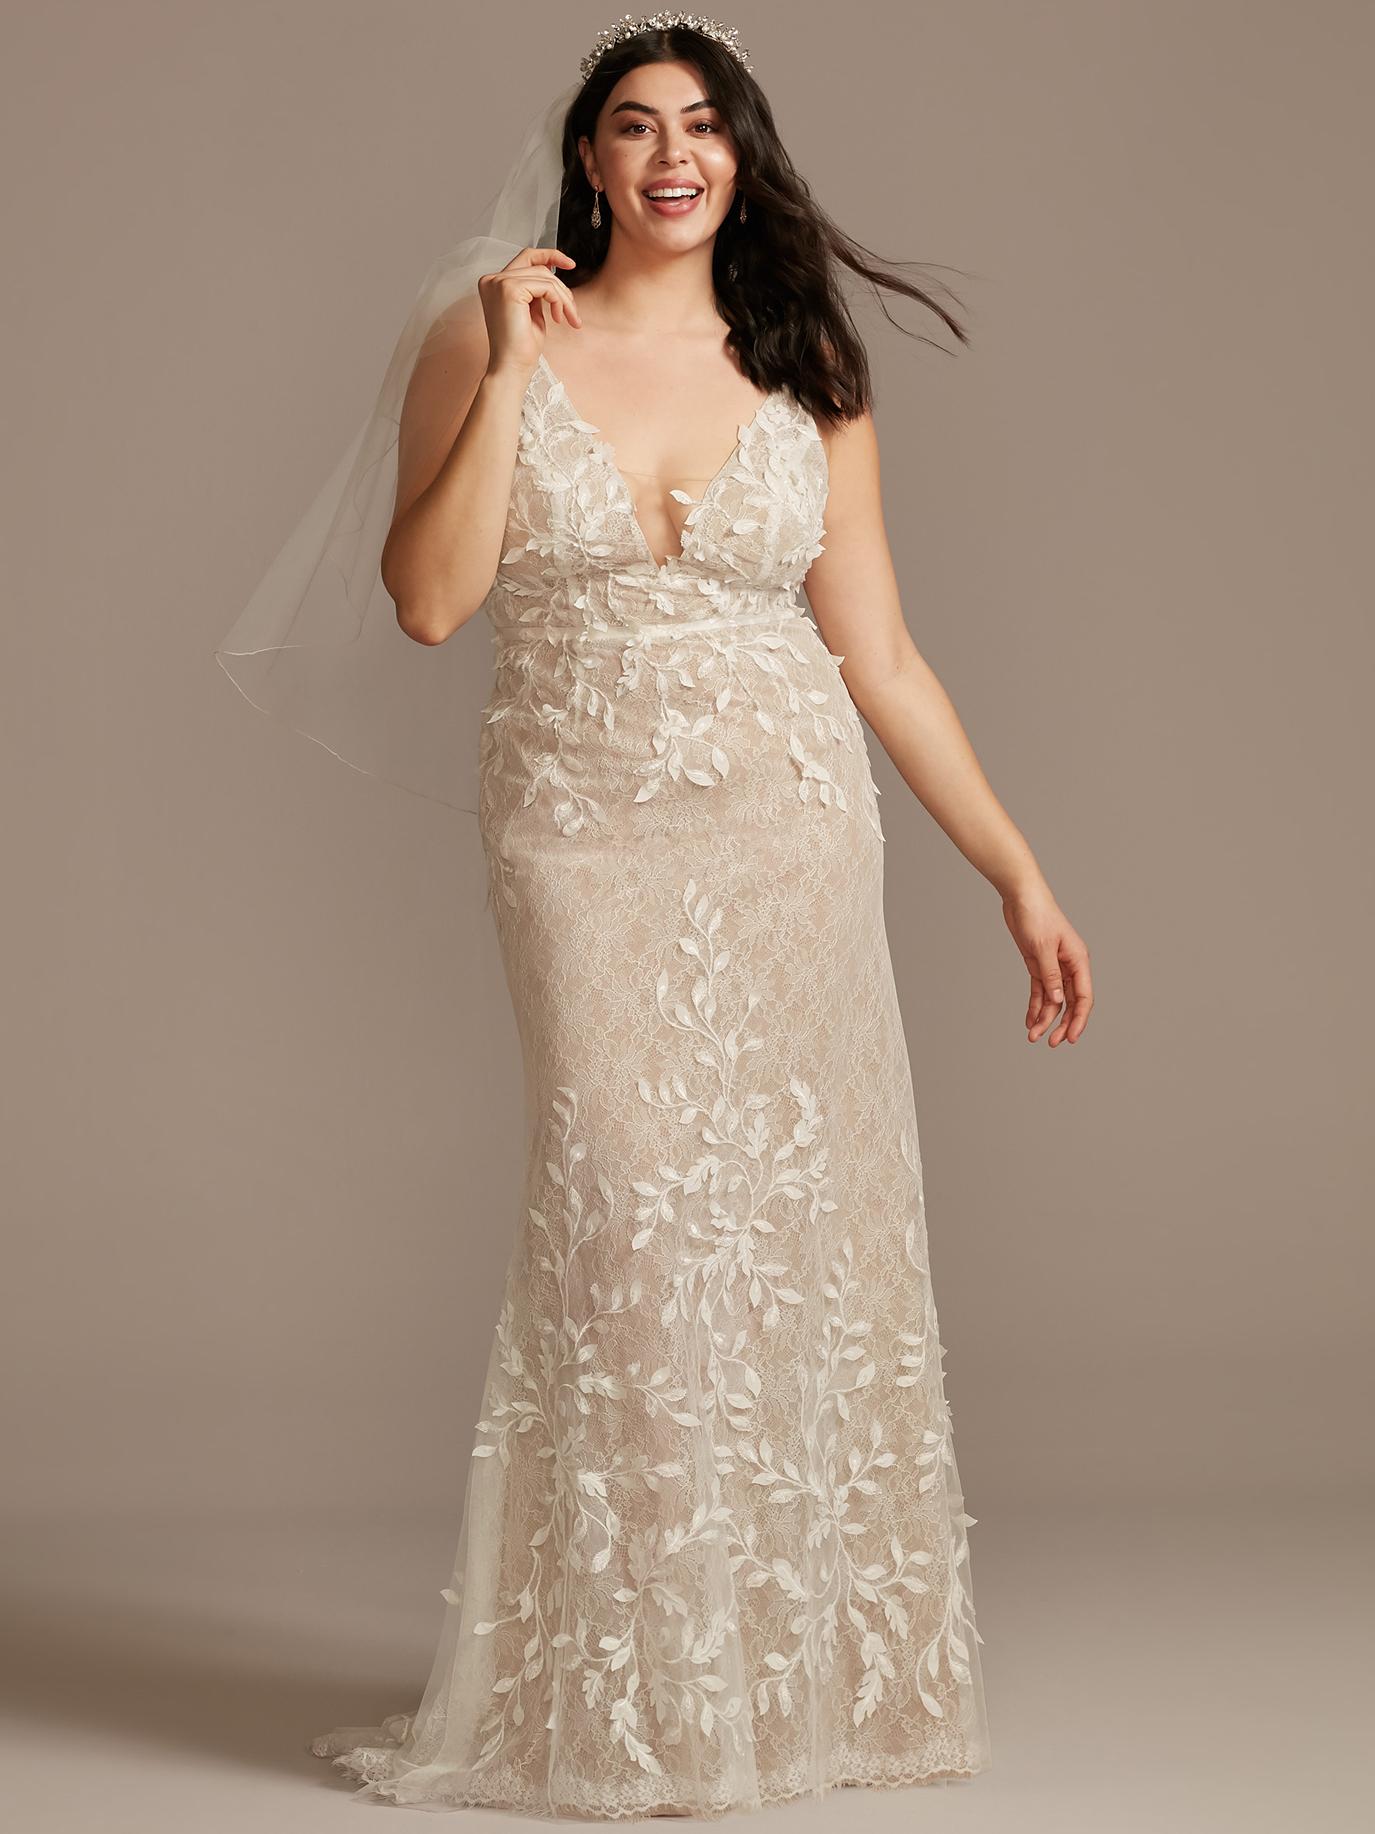 davids bridal plunging v-neck lace wedding dress spring 2021